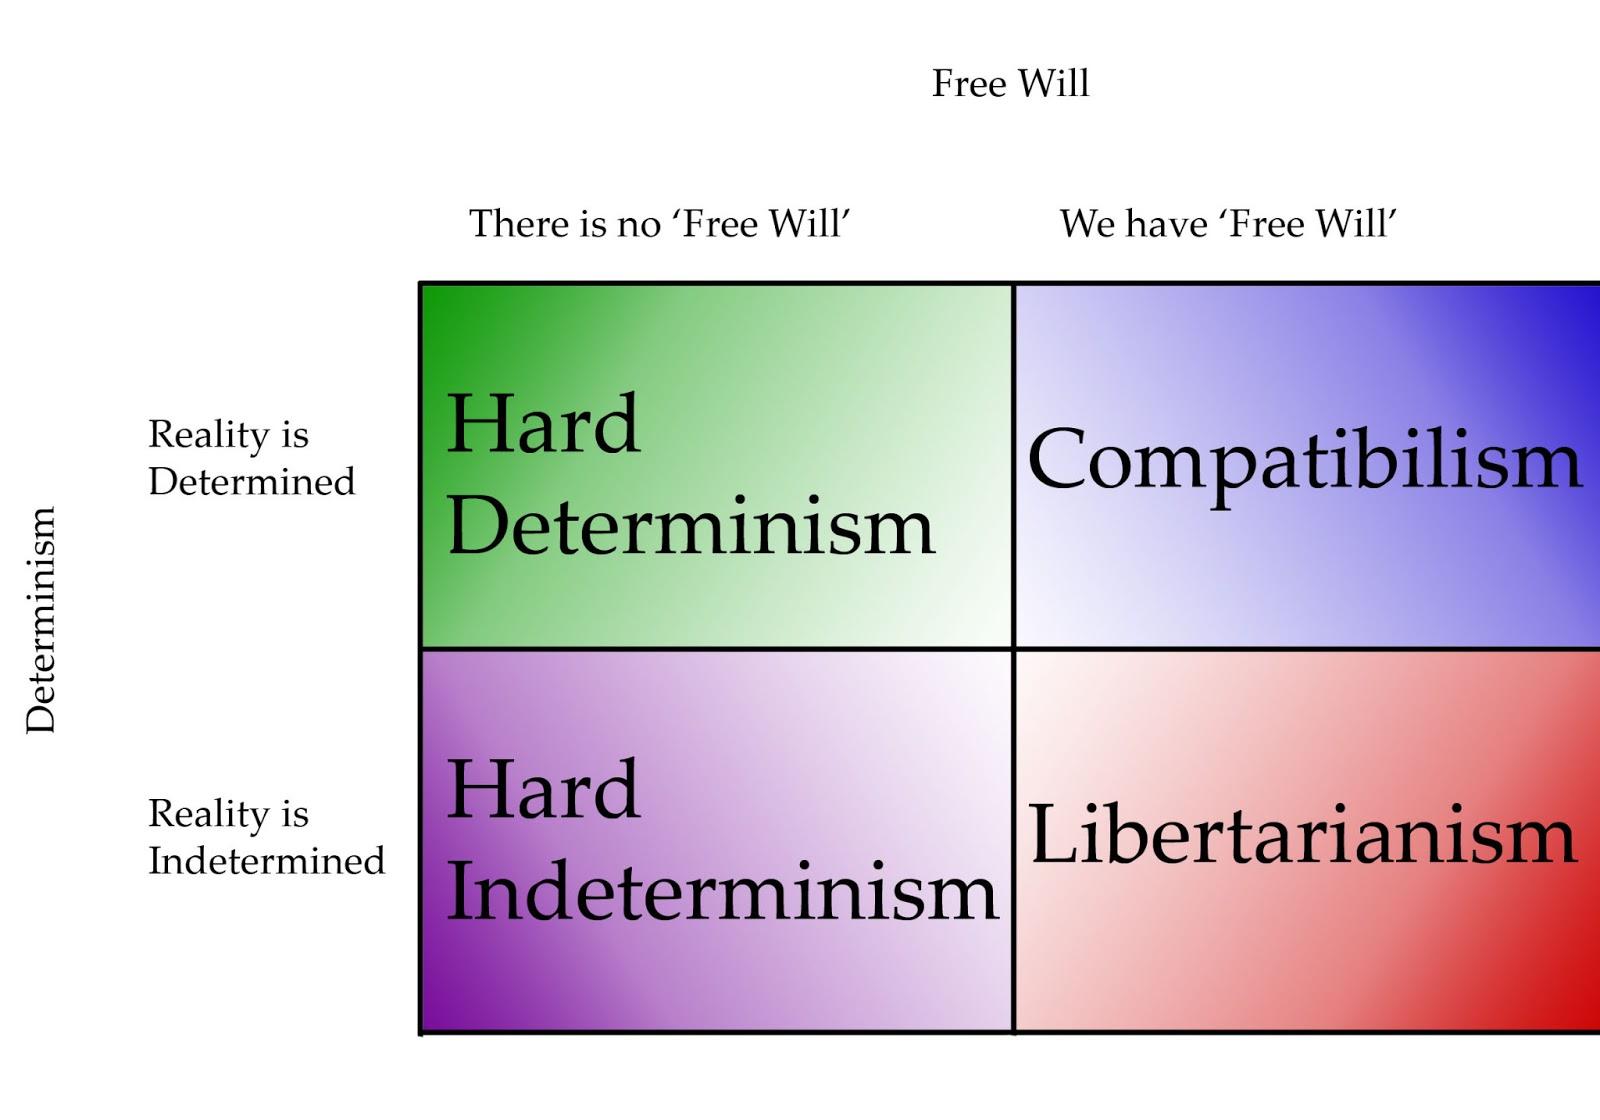 Scientific Determinism Writing DeterminismXFreeWill Scientific Determinism